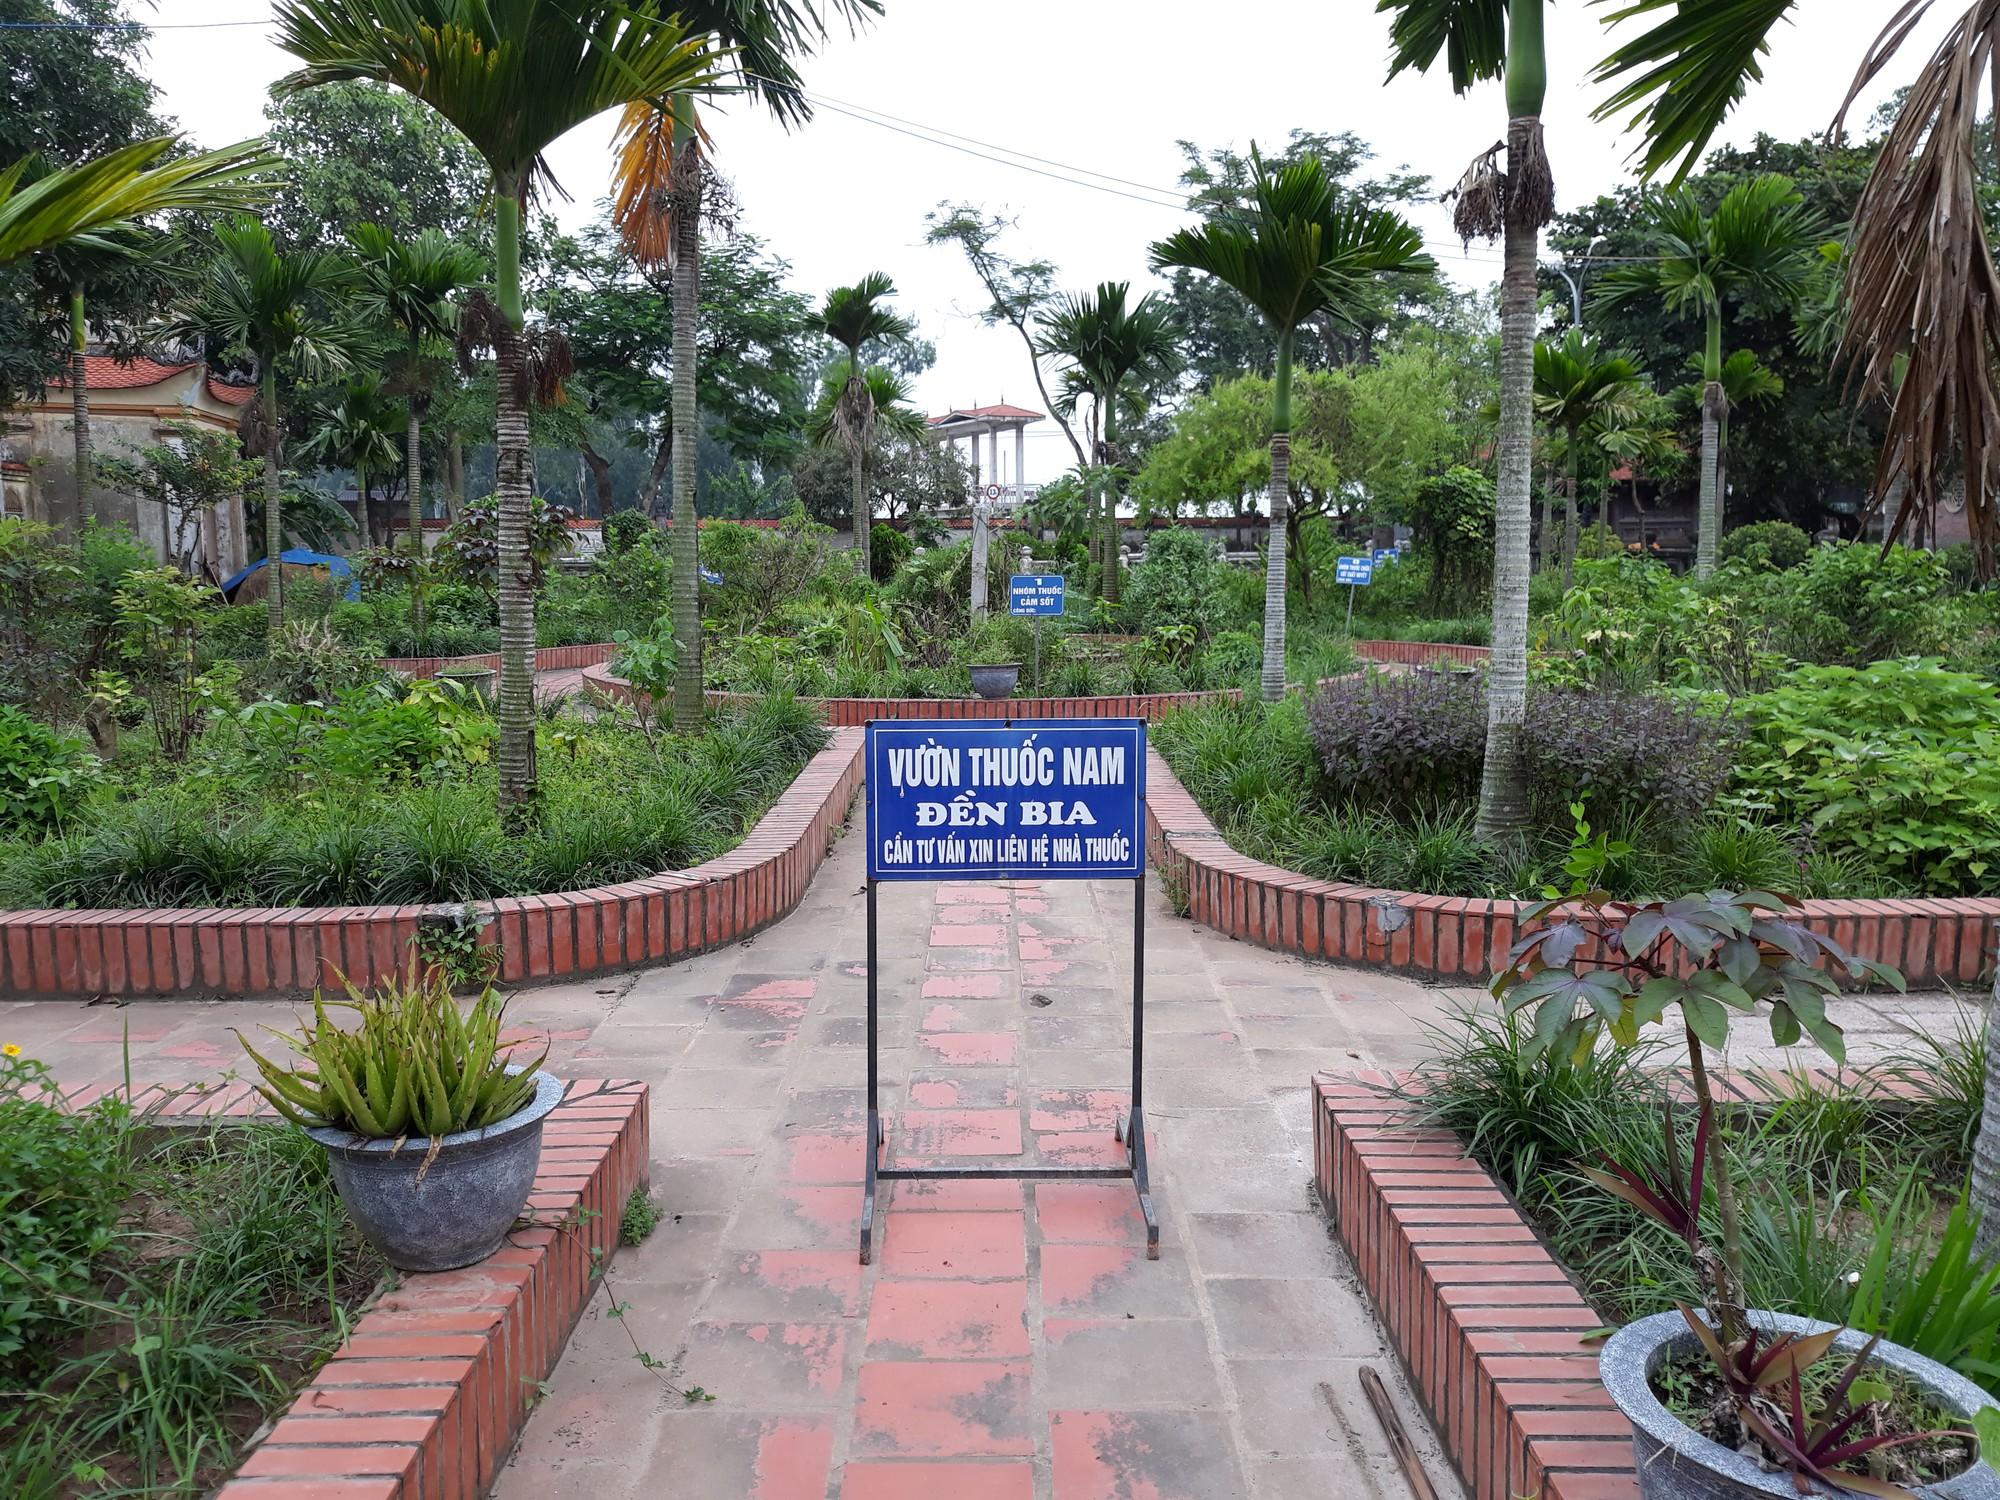 3-vườn-thuốc-nam-kiểu-mẫu-tại-đền-bia